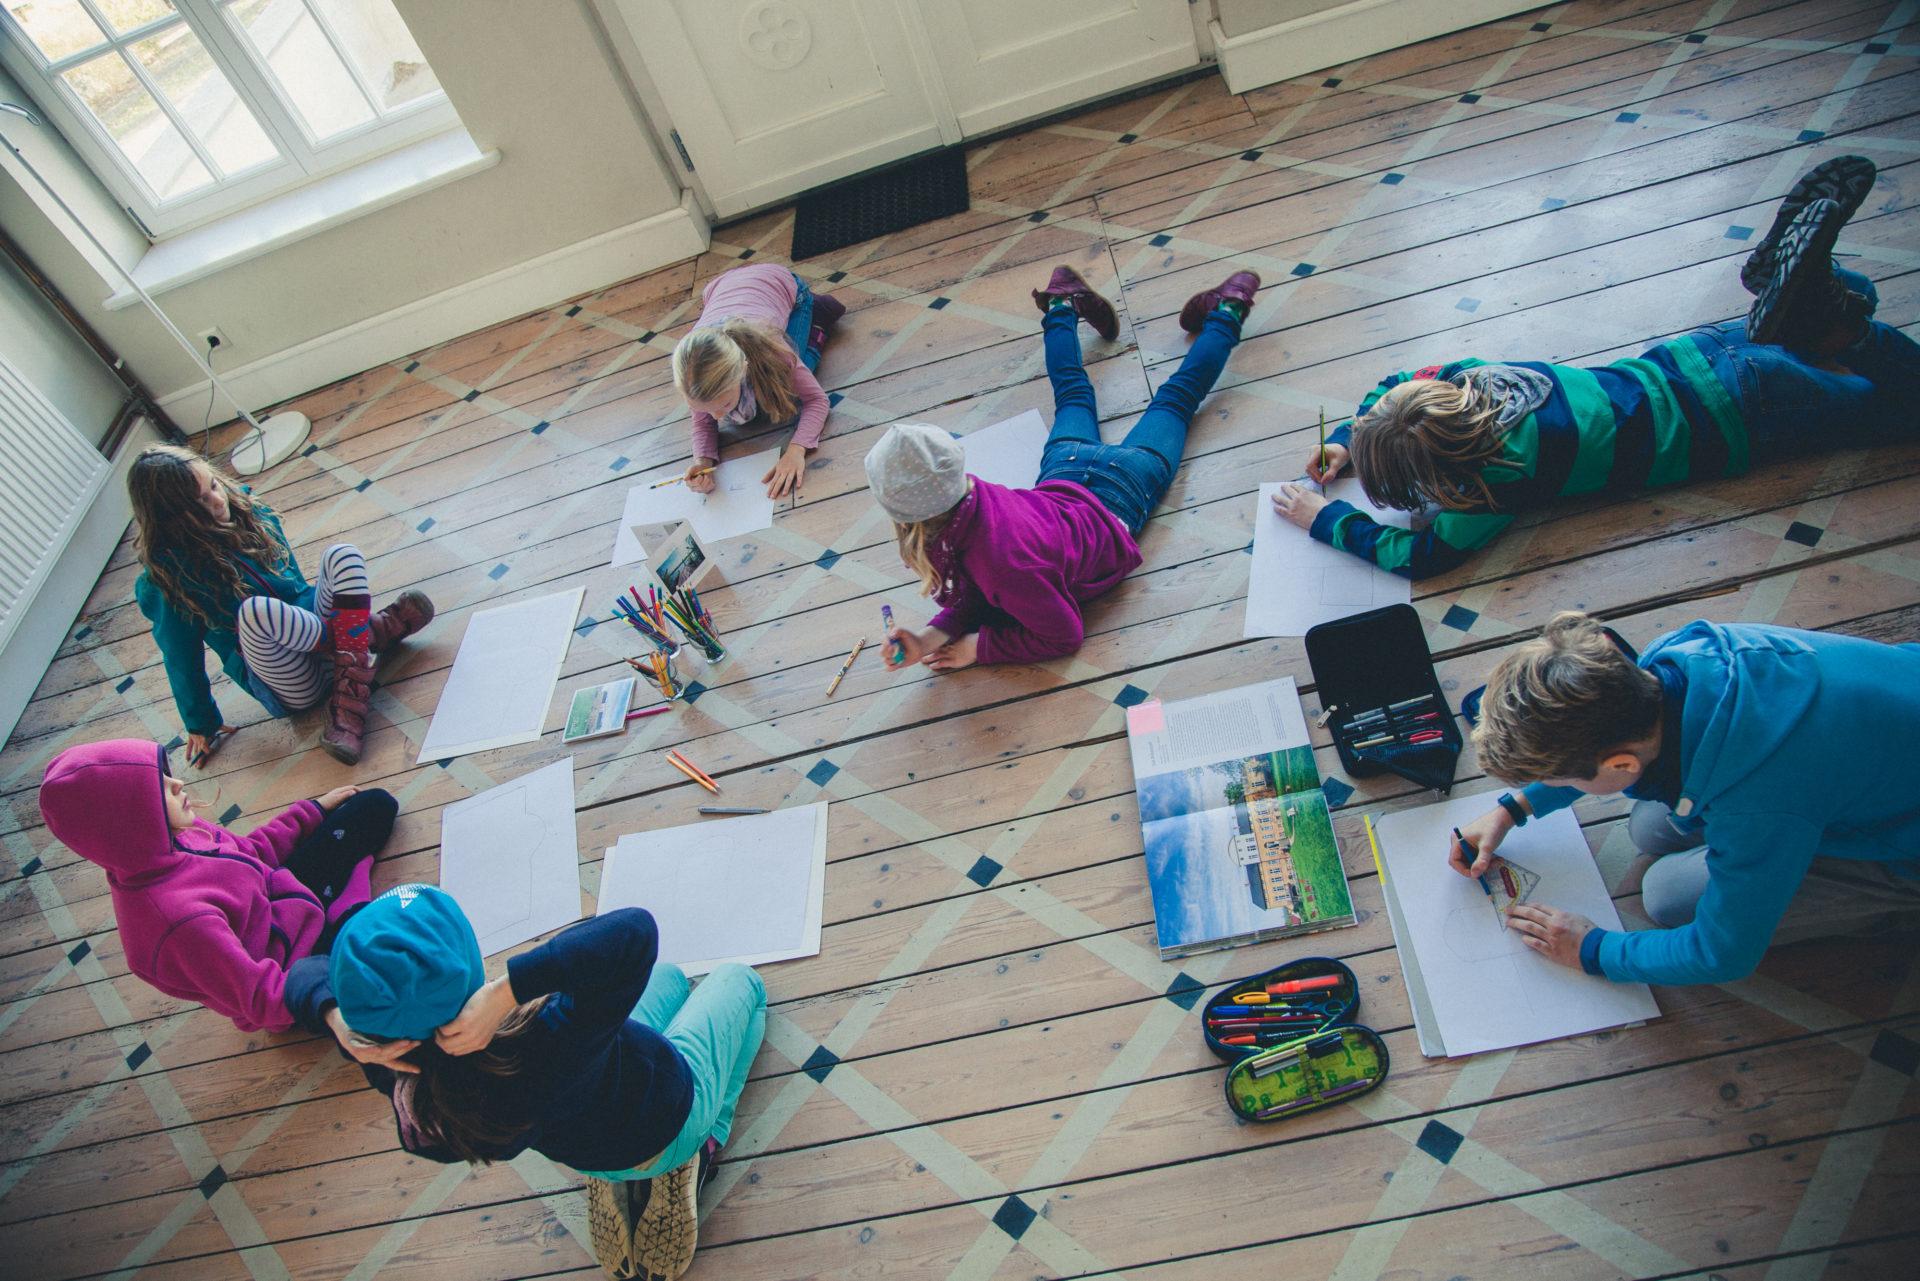 Kindern liegen im Entrée auf dem Boden und malen Florian Foest